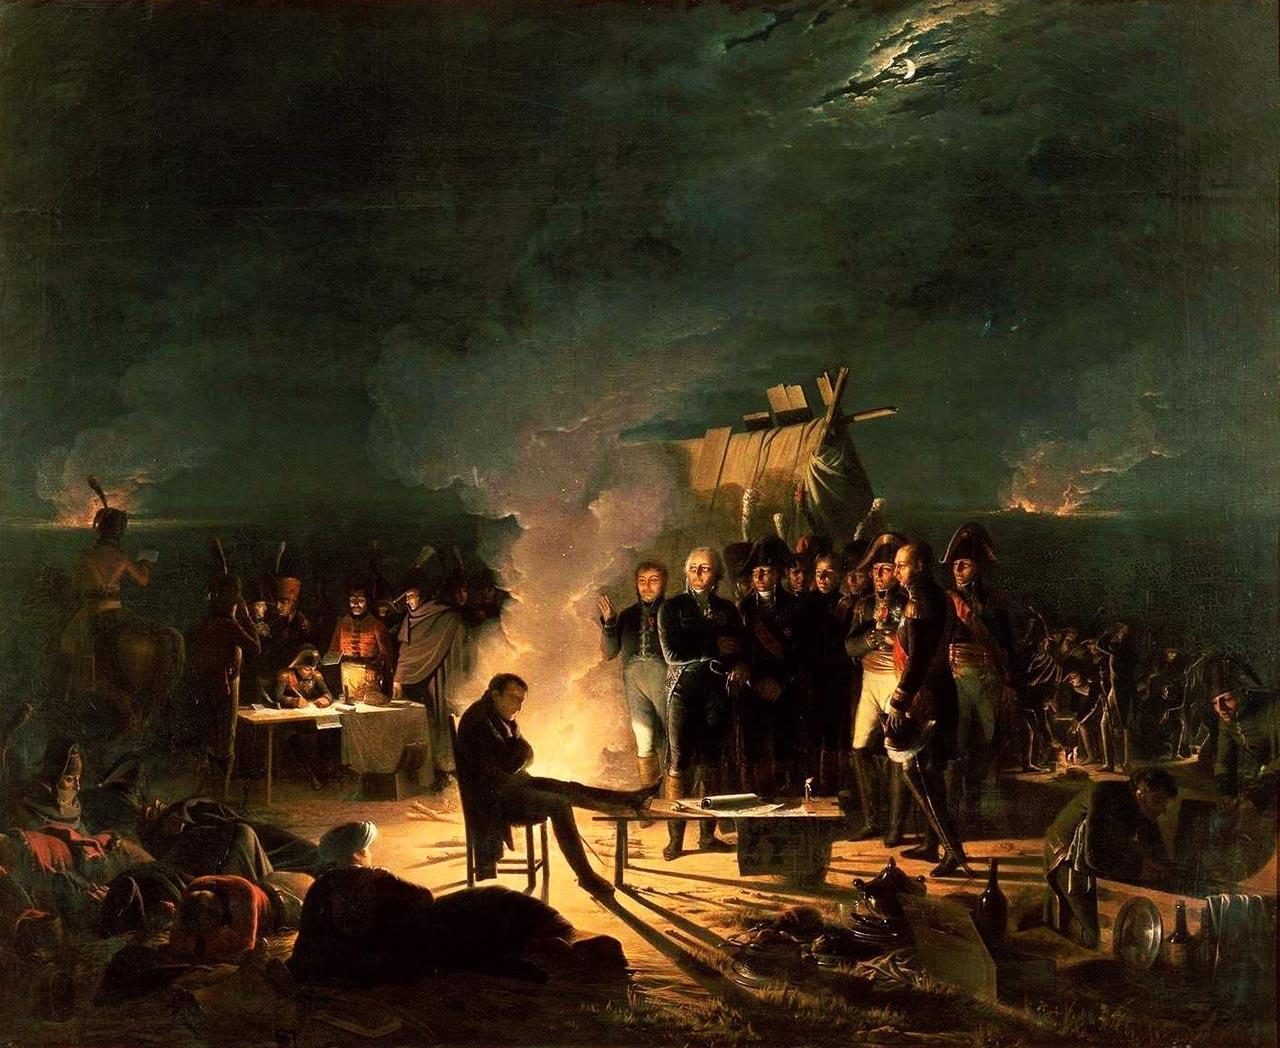 Bivouac de Napoléon sur le champ de bataille de Wagram, nuit du 5 au 6 juillet 1809, par Adolphe Roehn